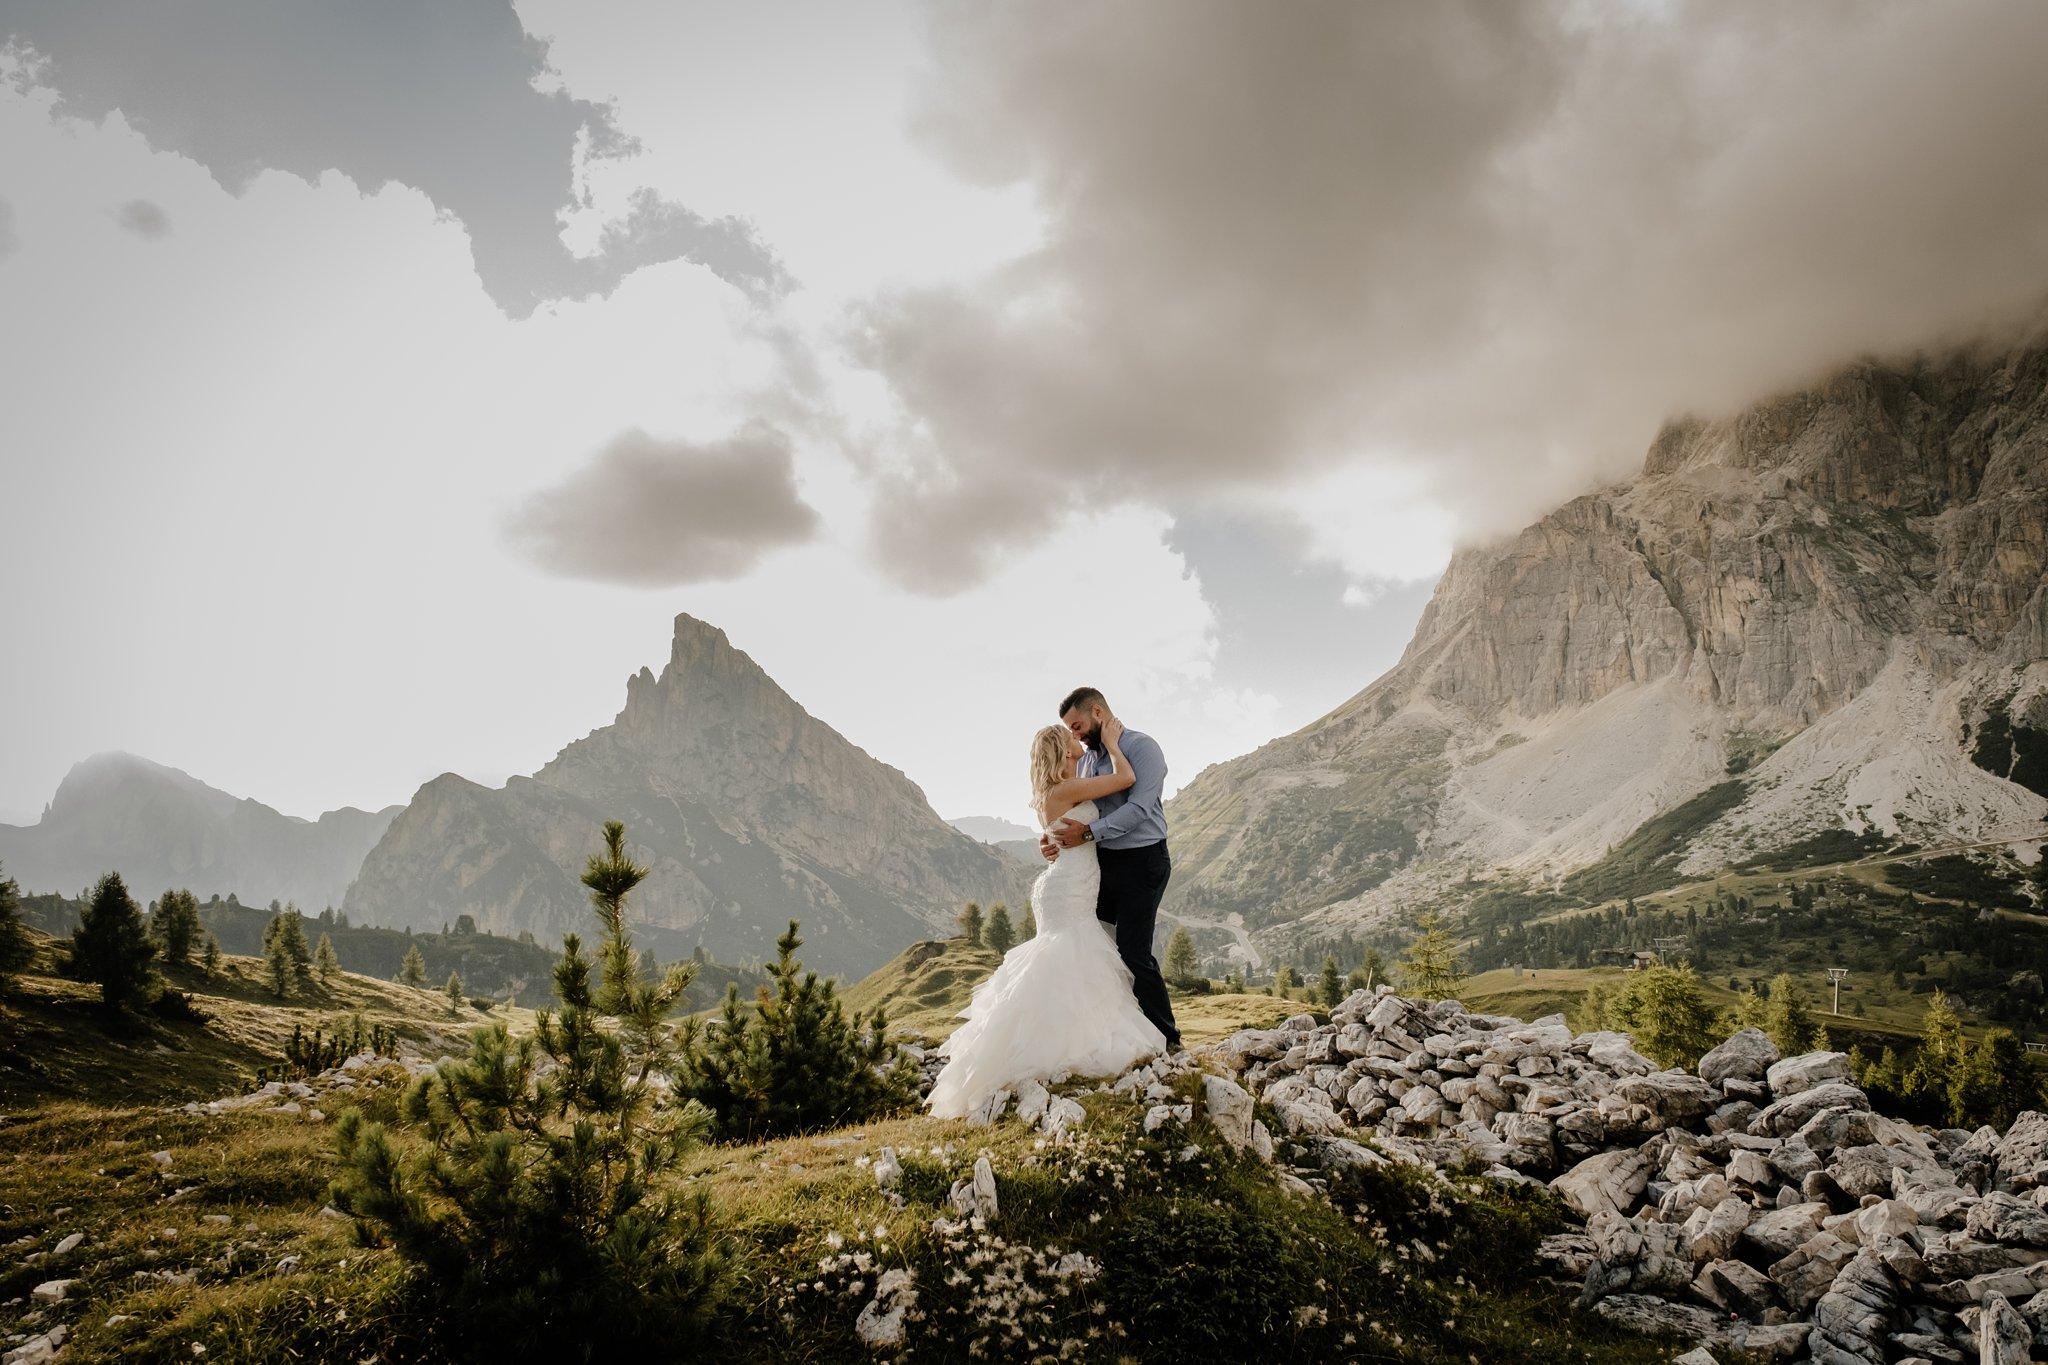 Dolomites honeymoon in Italy